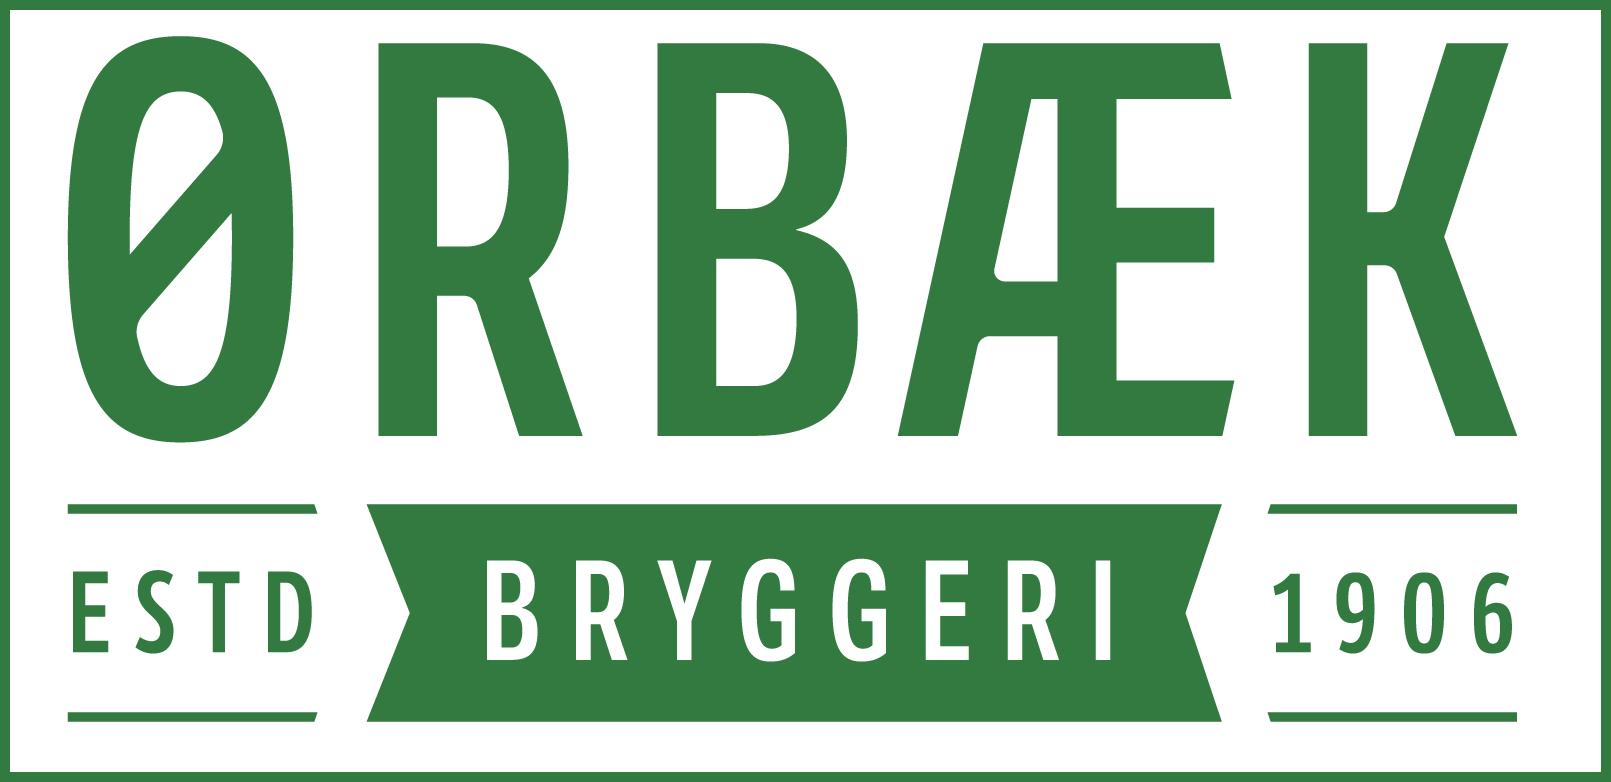 Ørbæk Bryggeri